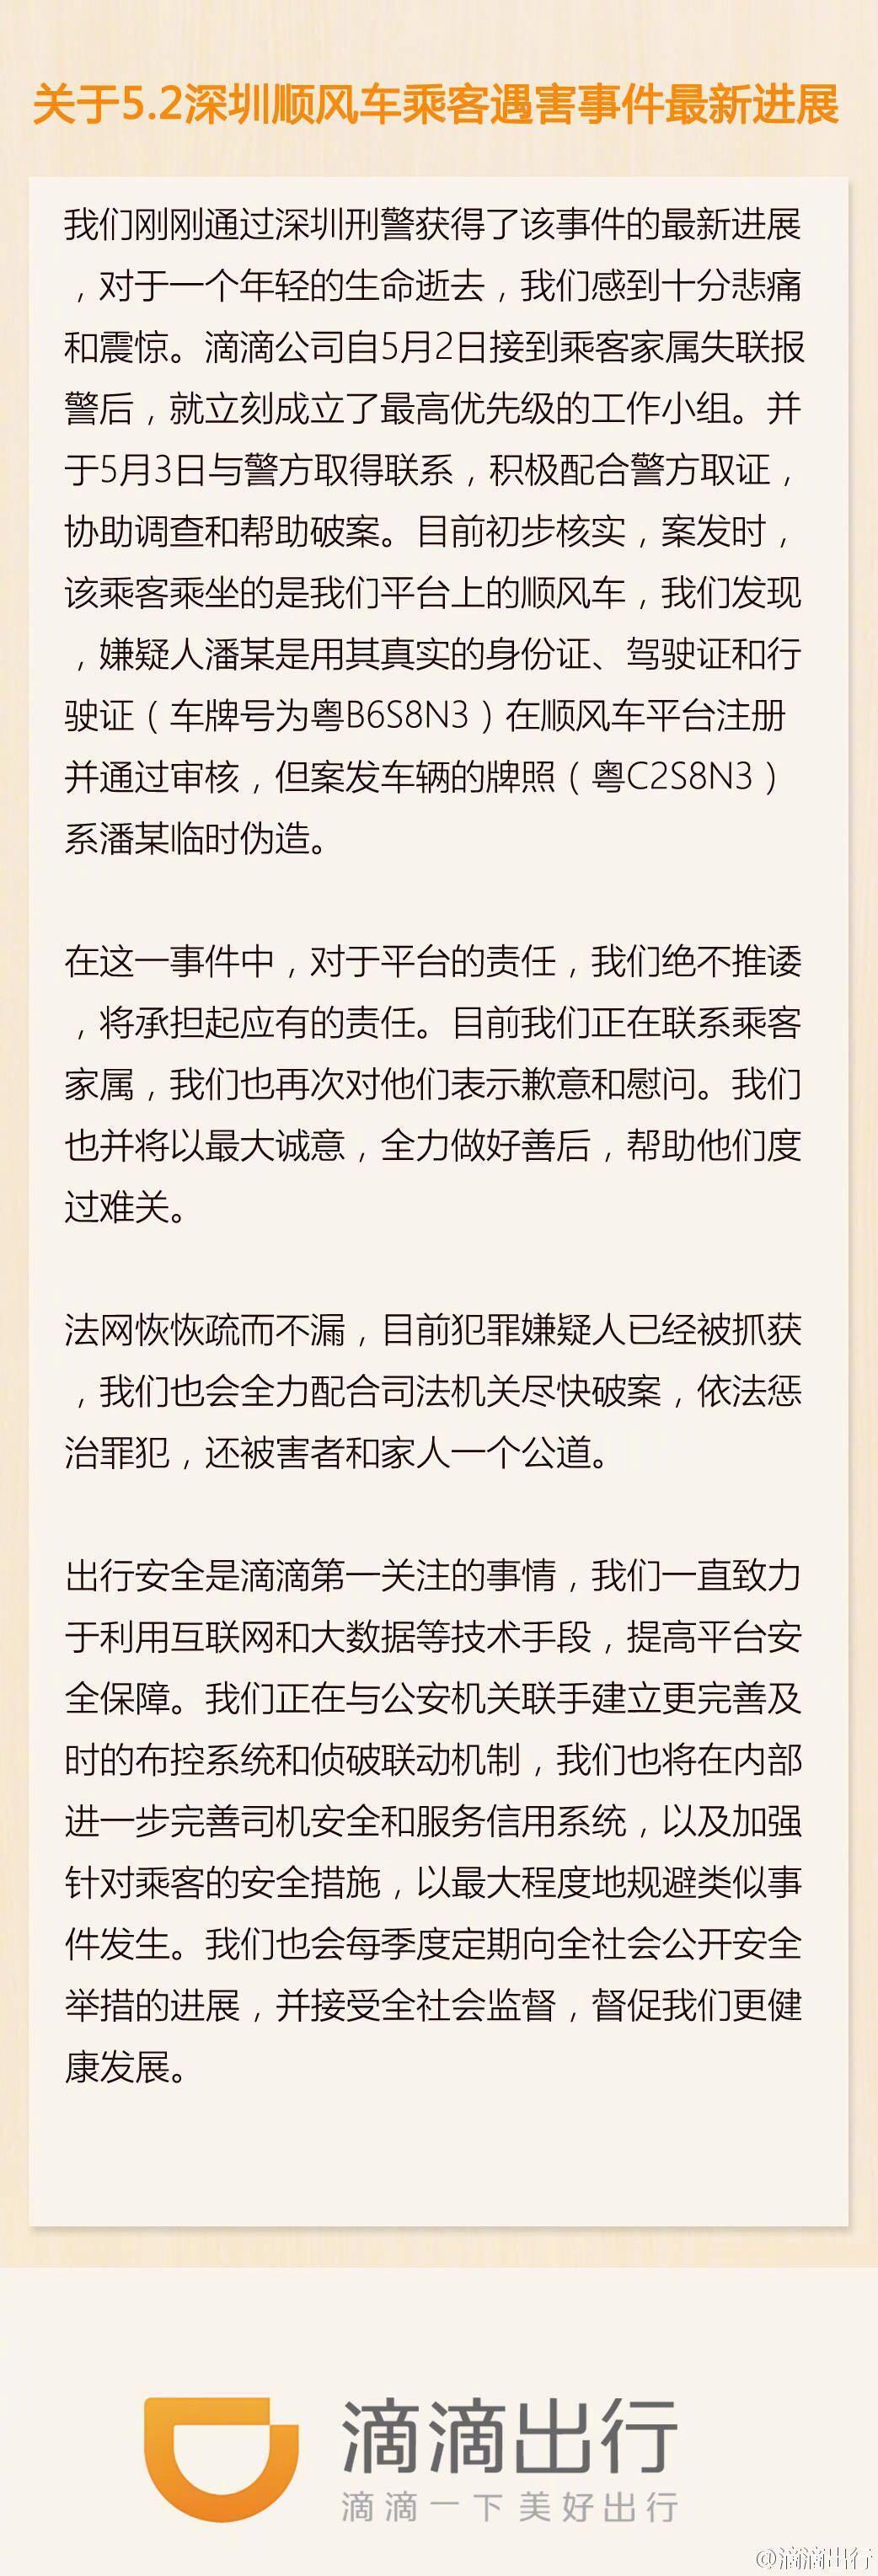 2016年深圳女教师遇害的致歉声明